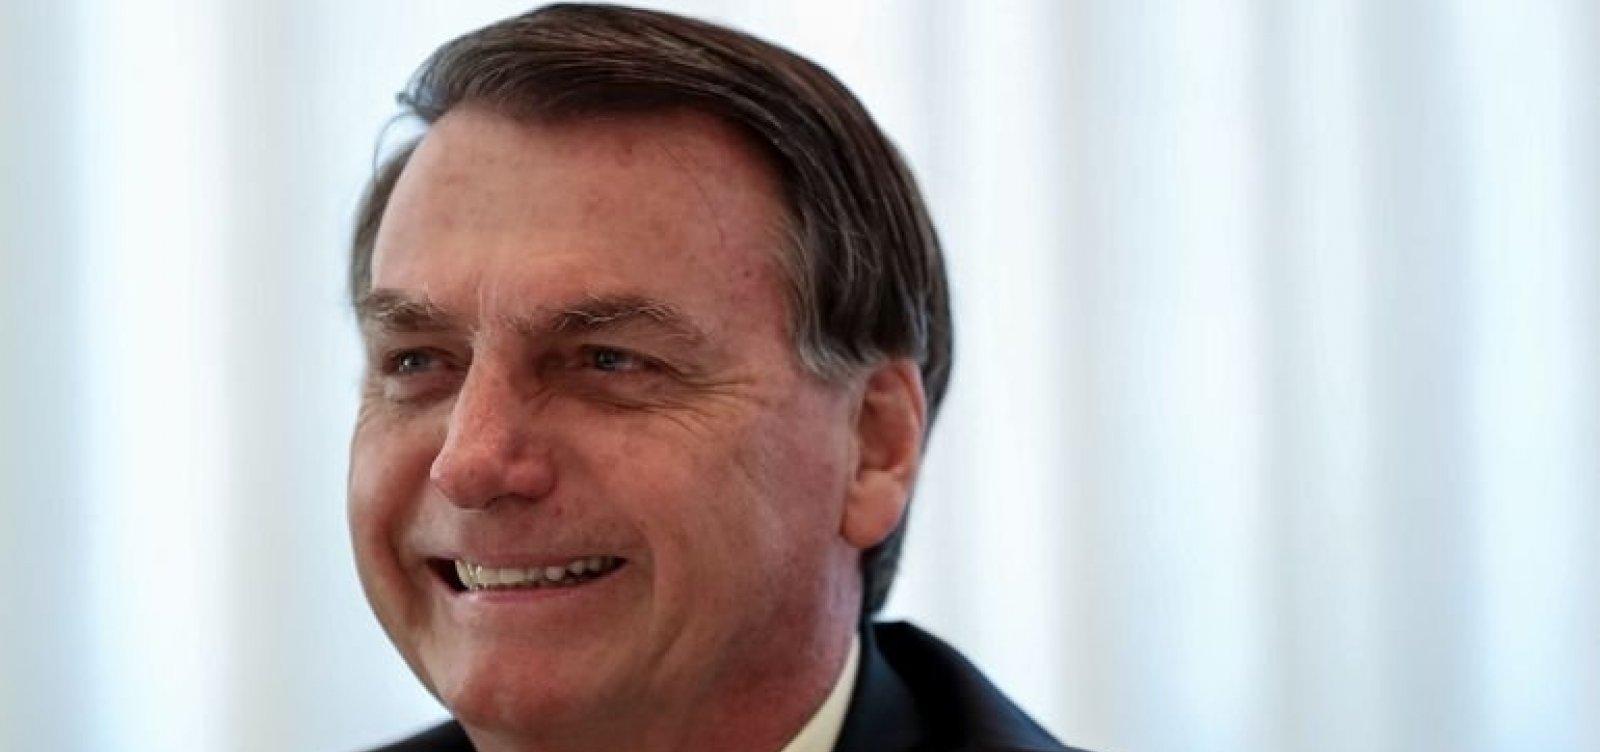 [Datafolha: 49% dos beneficiários do auxílio emergencial reprovam atuação de Bolsonaro na pandemia]